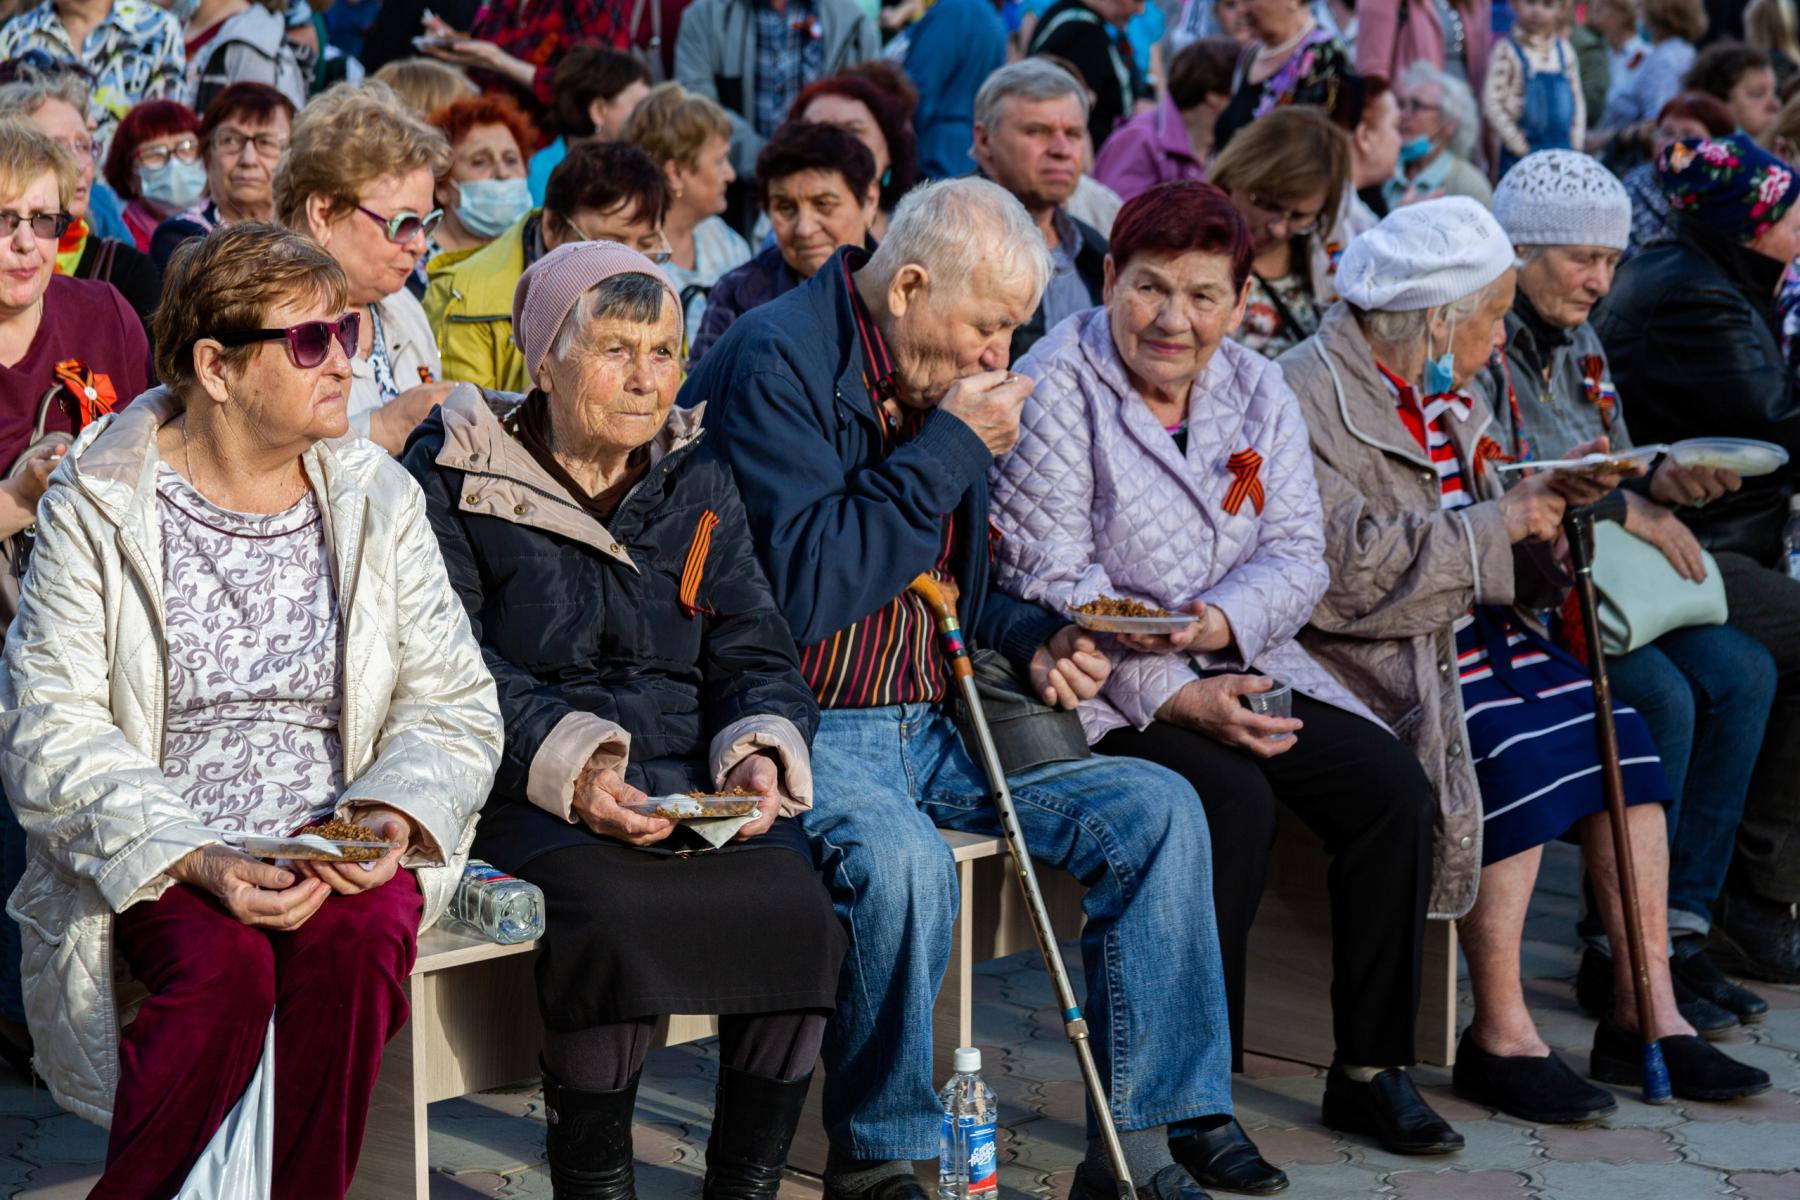 фото В Горском микрорайоне Новосибирска прошёл концерт в честь 9 Мая 2